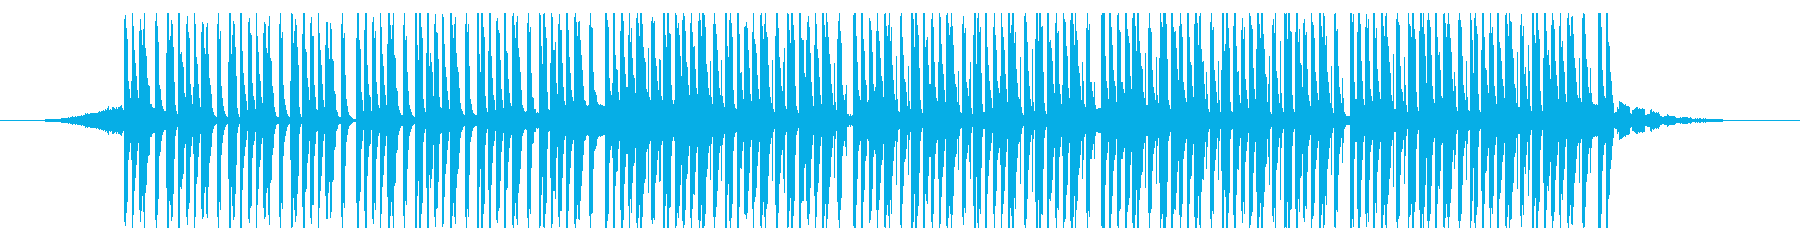 ファッションウィーク(60秒)の再生済みの波形